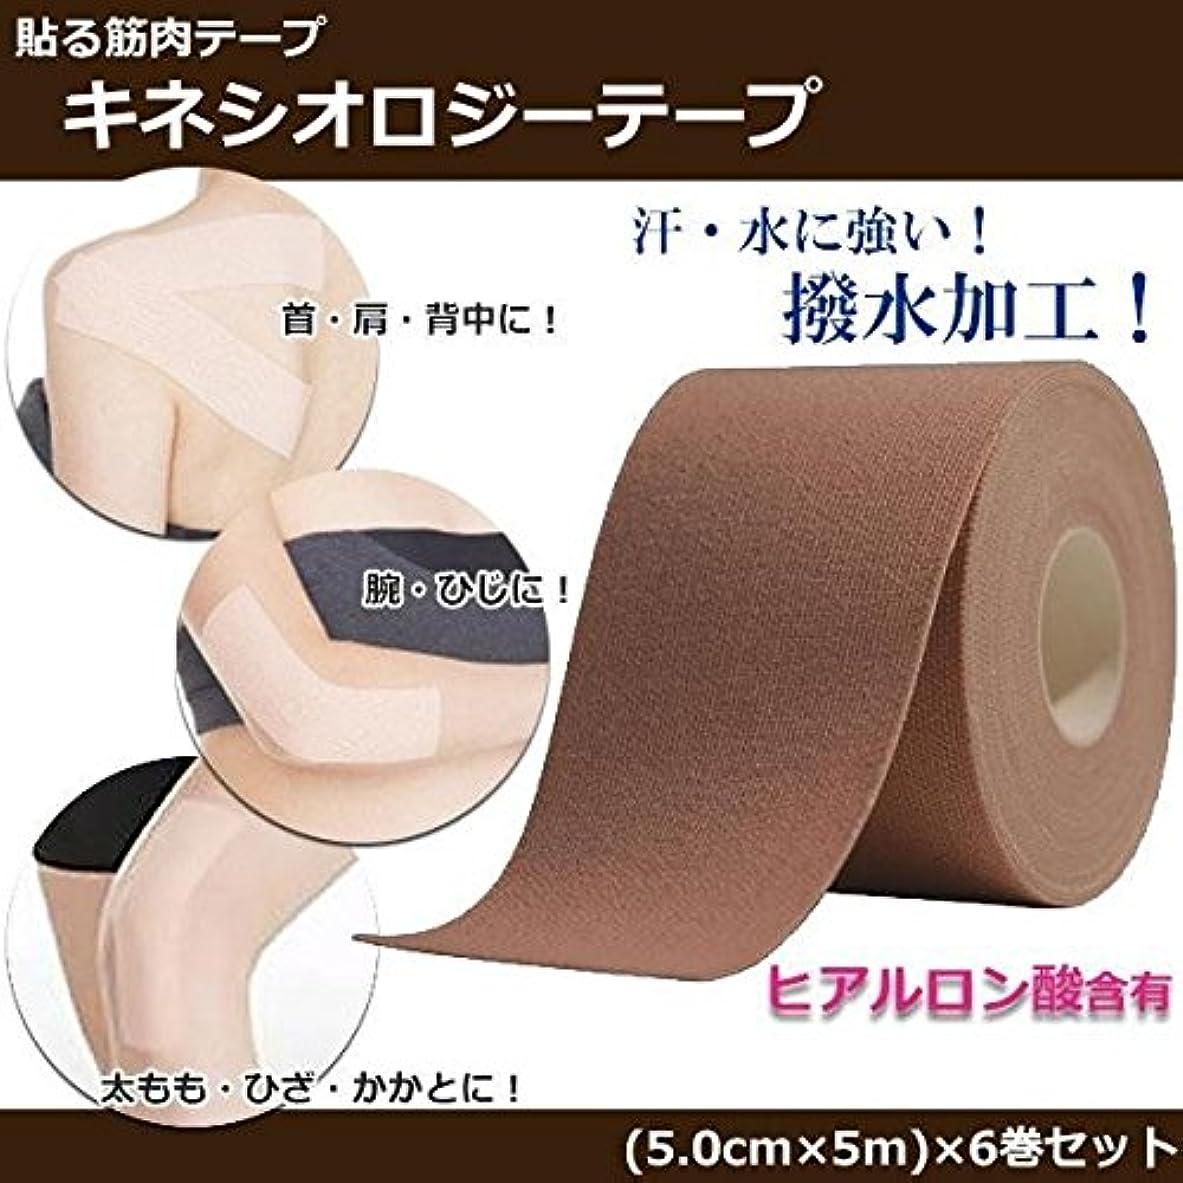 対称死傷者ところで貼る筋肉テープ キネシオロジーテープ ヒアルロン酸含有 日本製 6巻セット